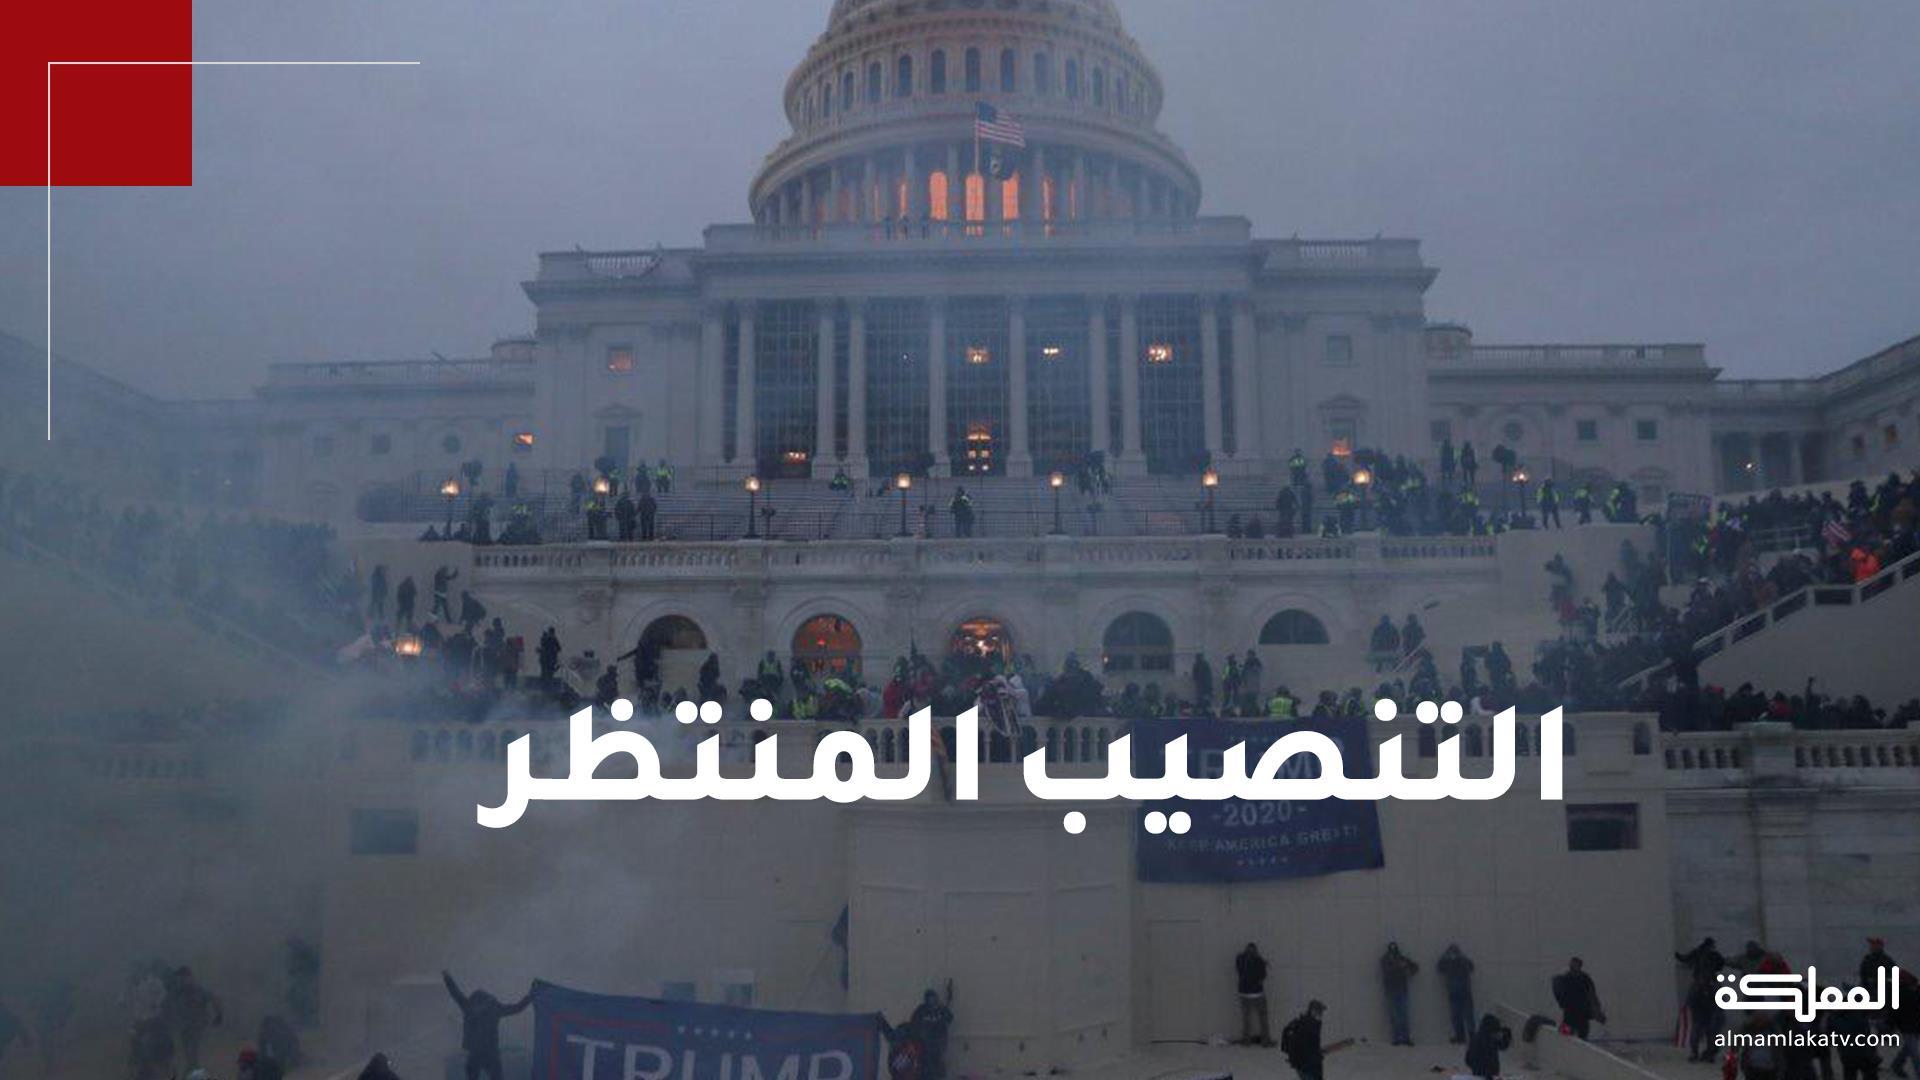 العالم يترقب يوم غد الأربعاء 20 يناير، تنصيب الرئيس الأميركي الـ 46